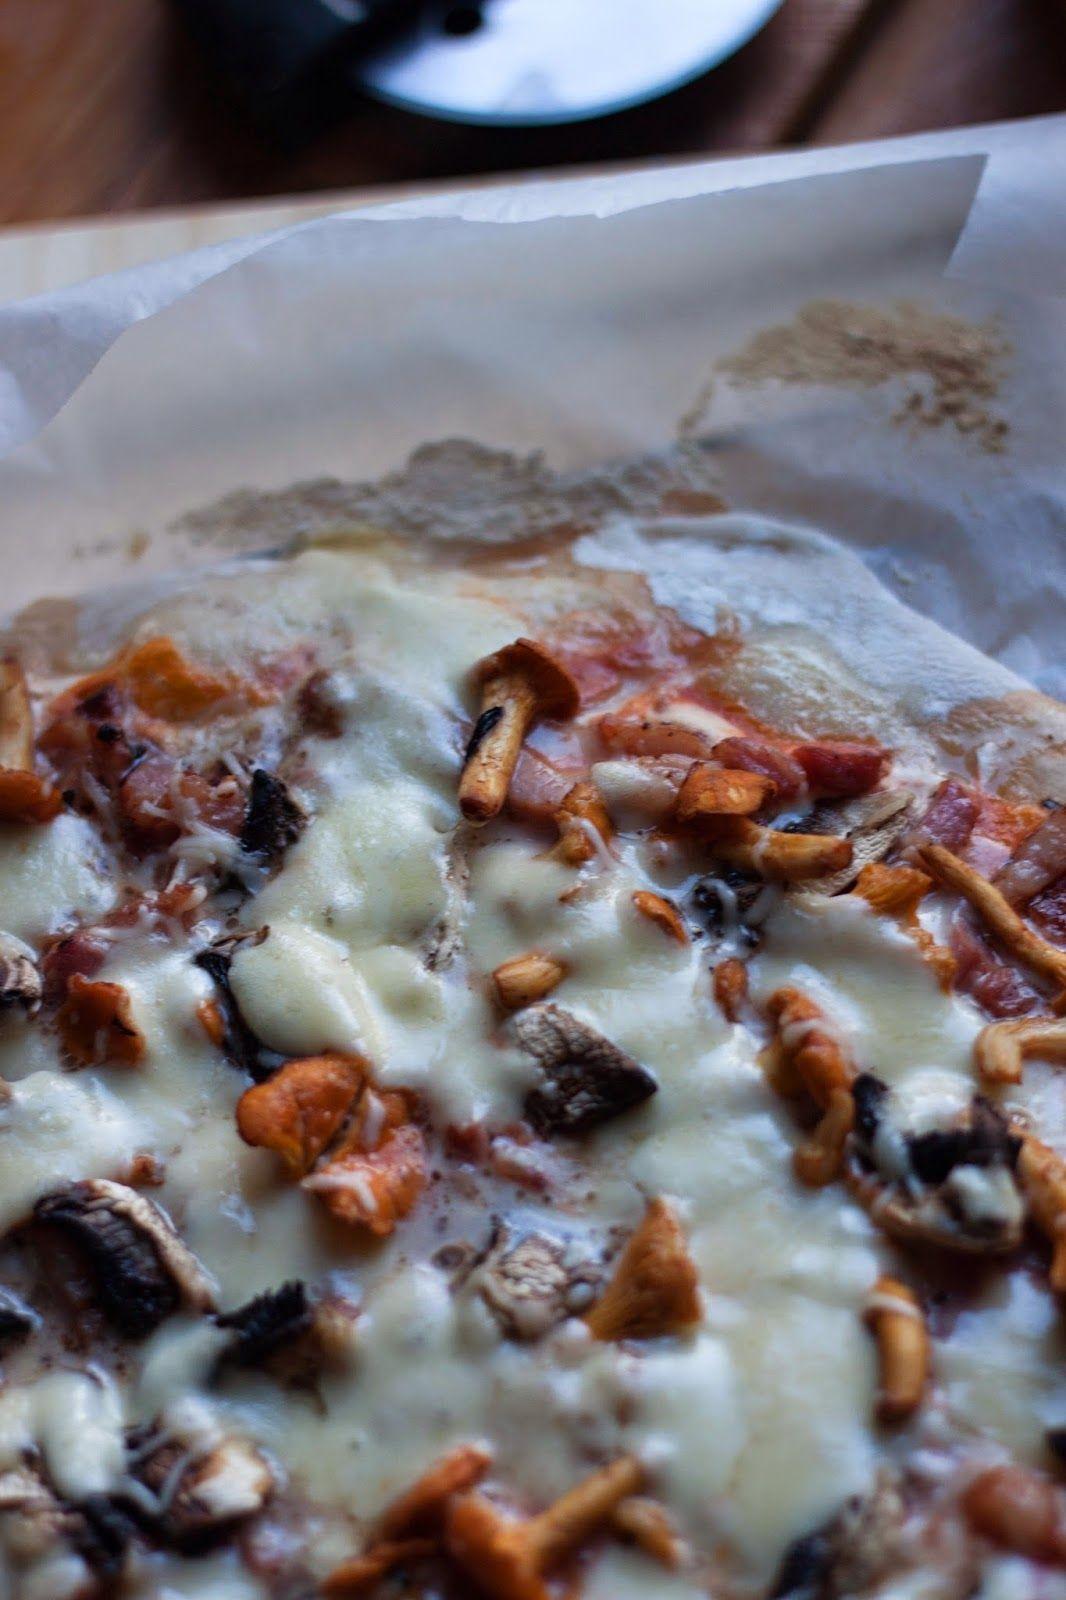 La galerie du régal: PIZZA FORESTIÈRE